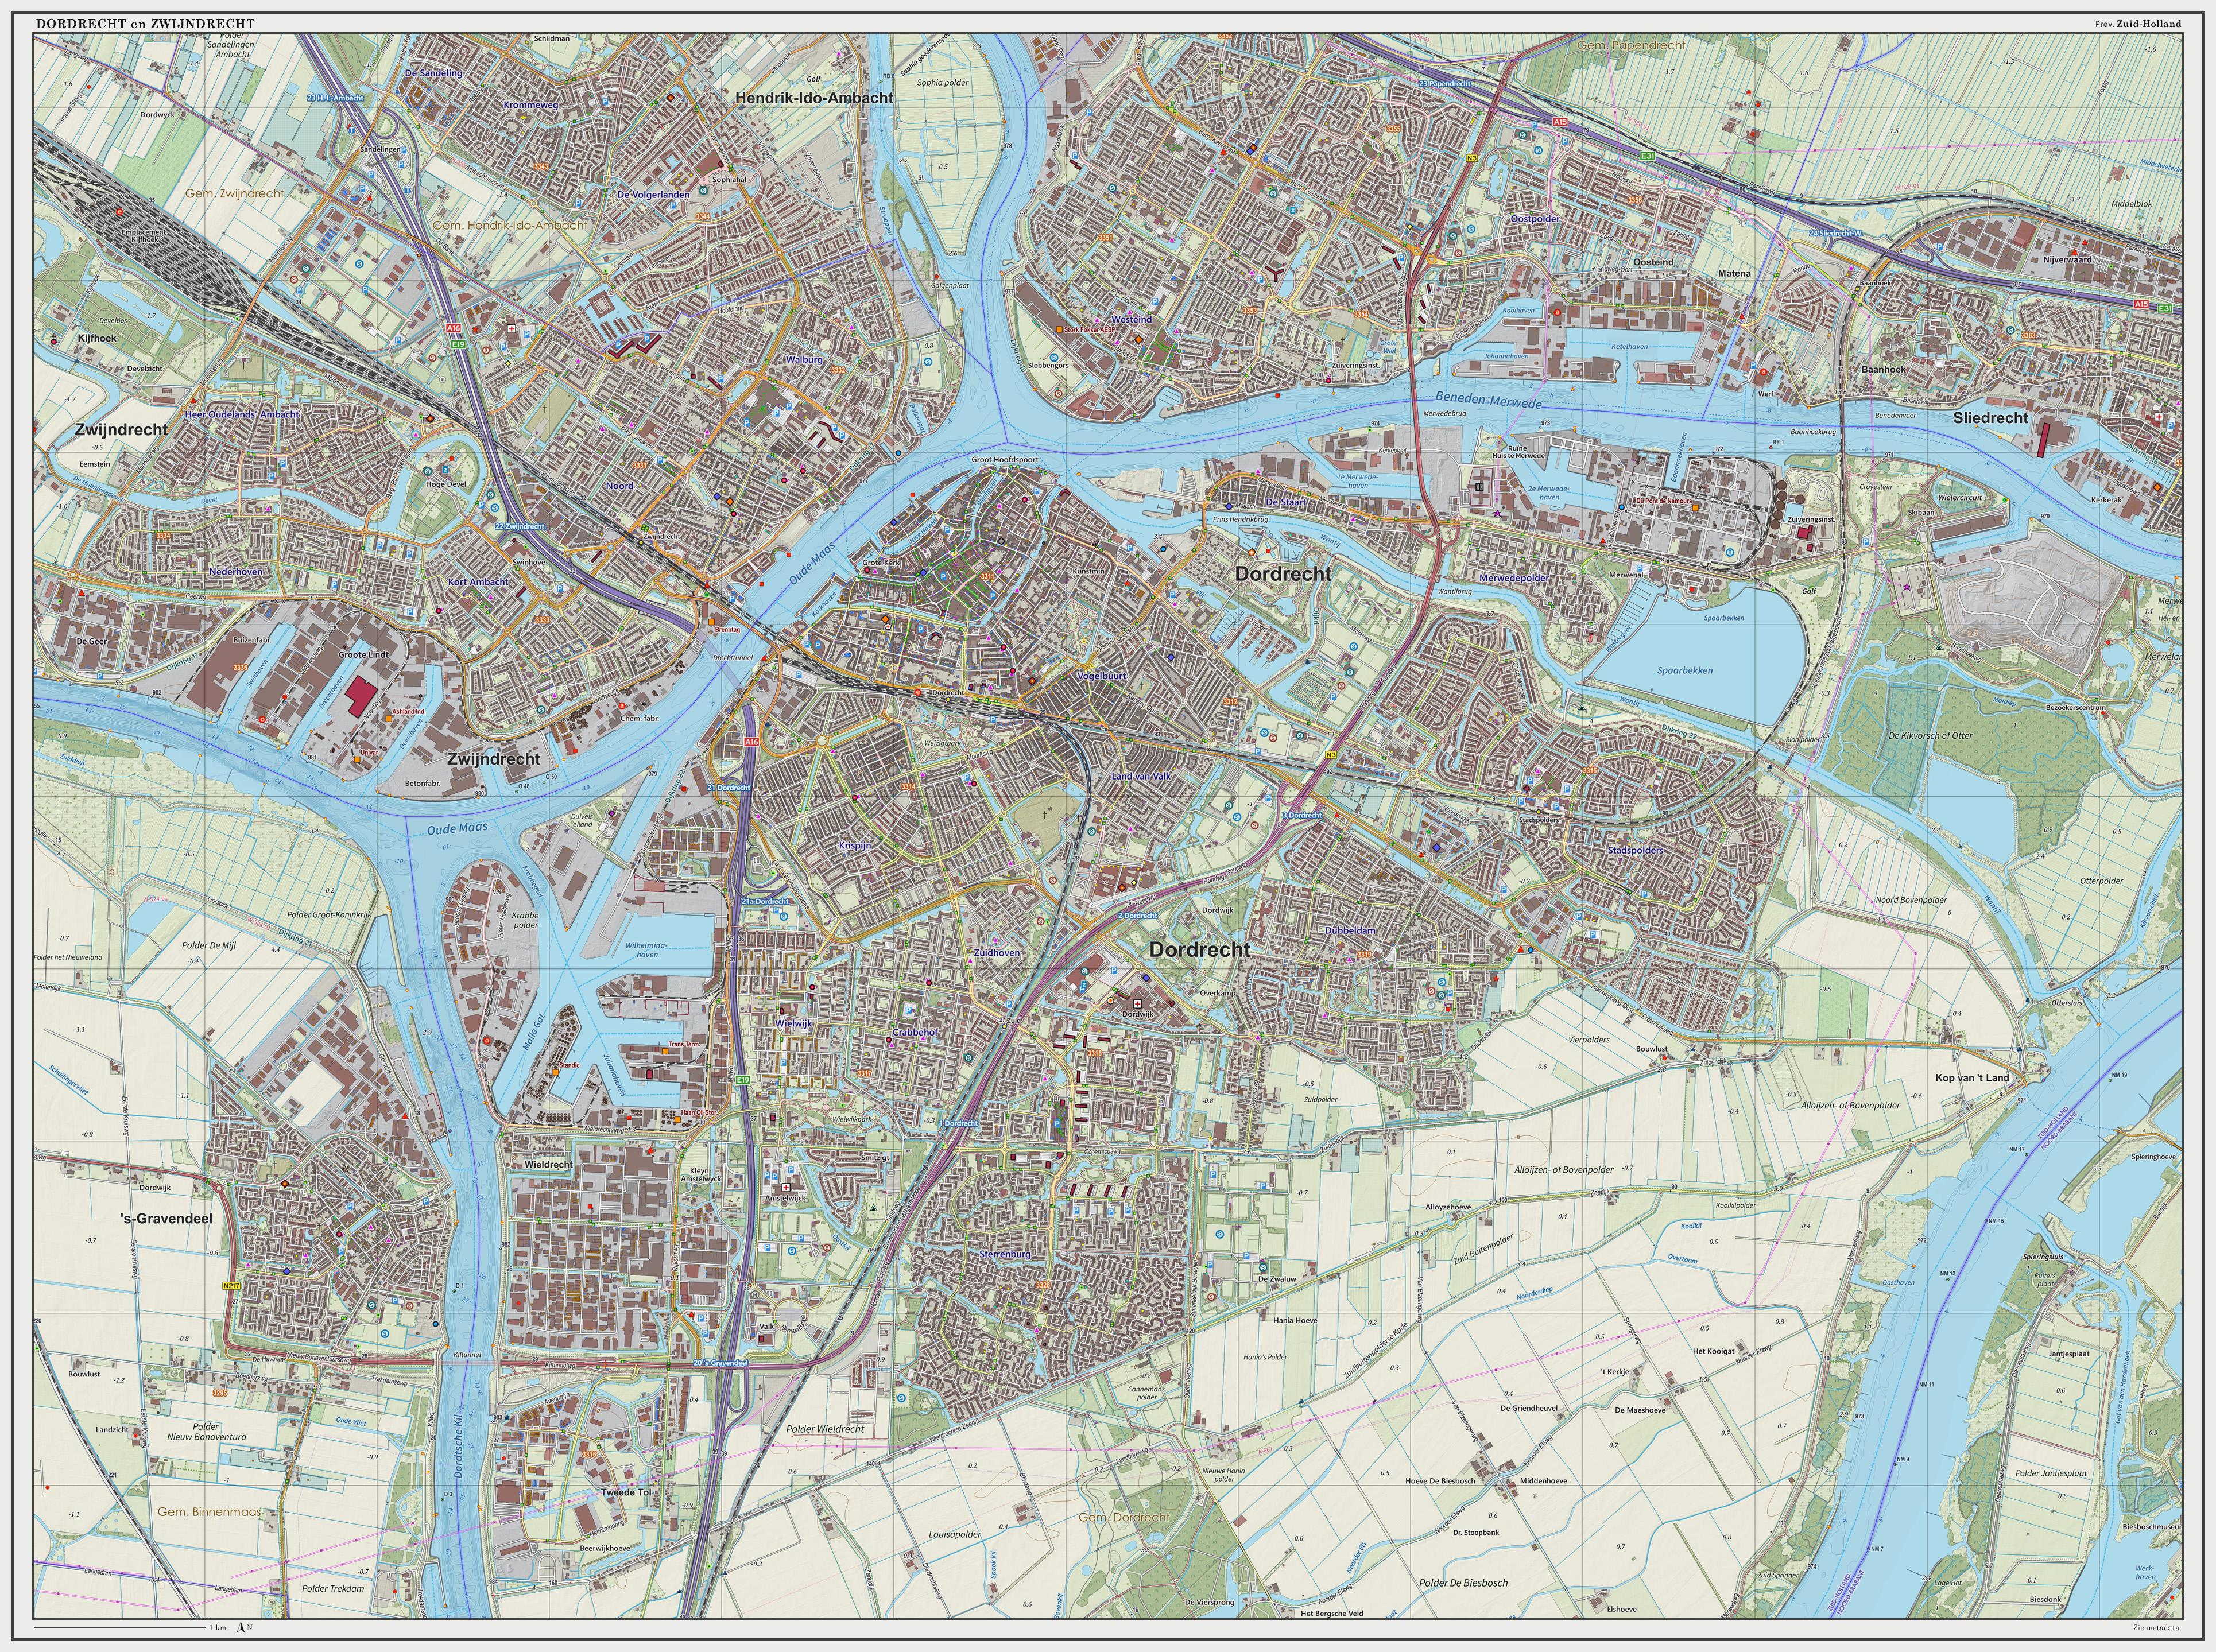 Hr Doet Onderzoek Naar Ad Onderwijs In Dordrecht Profielen